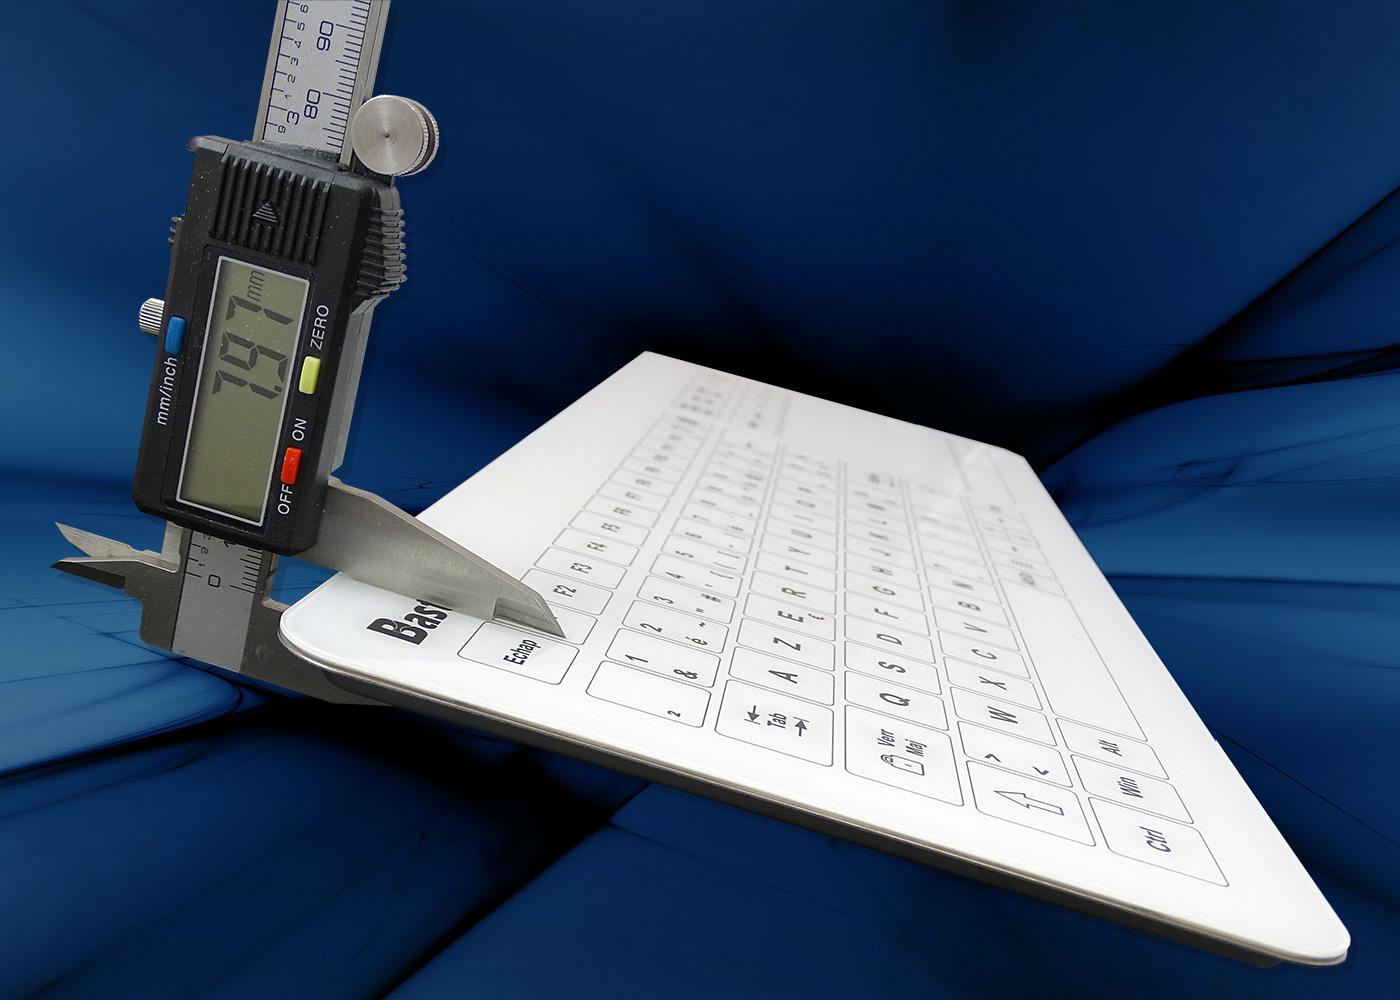 B50-90T Clavier tactile antistatique – Seulement 8 mm d'épaisseur